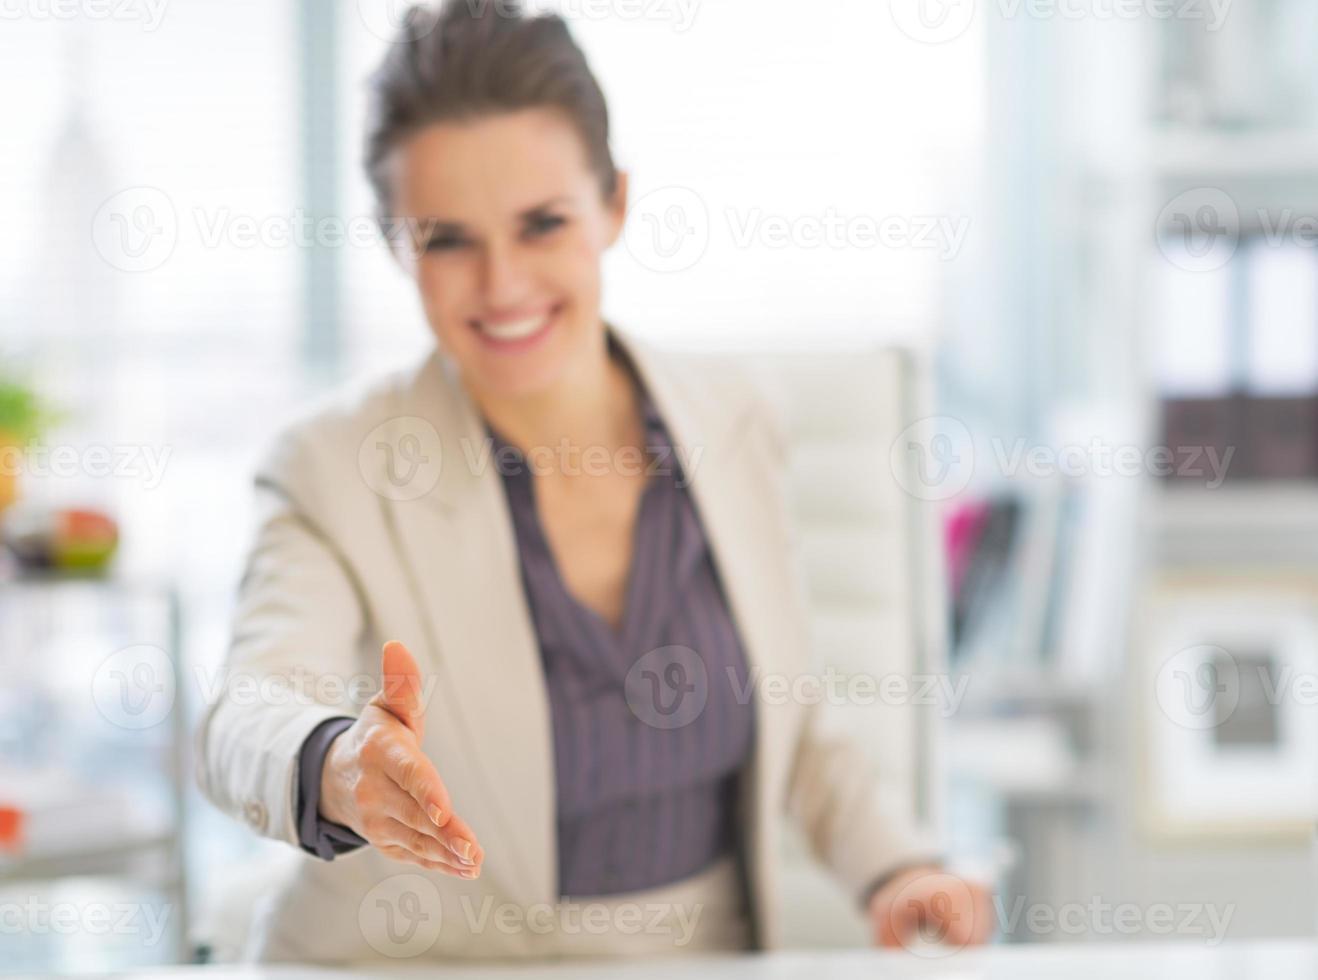 Nahaufnahme auf Geschäftsfrau, die Hand für Handschlag streckt foto